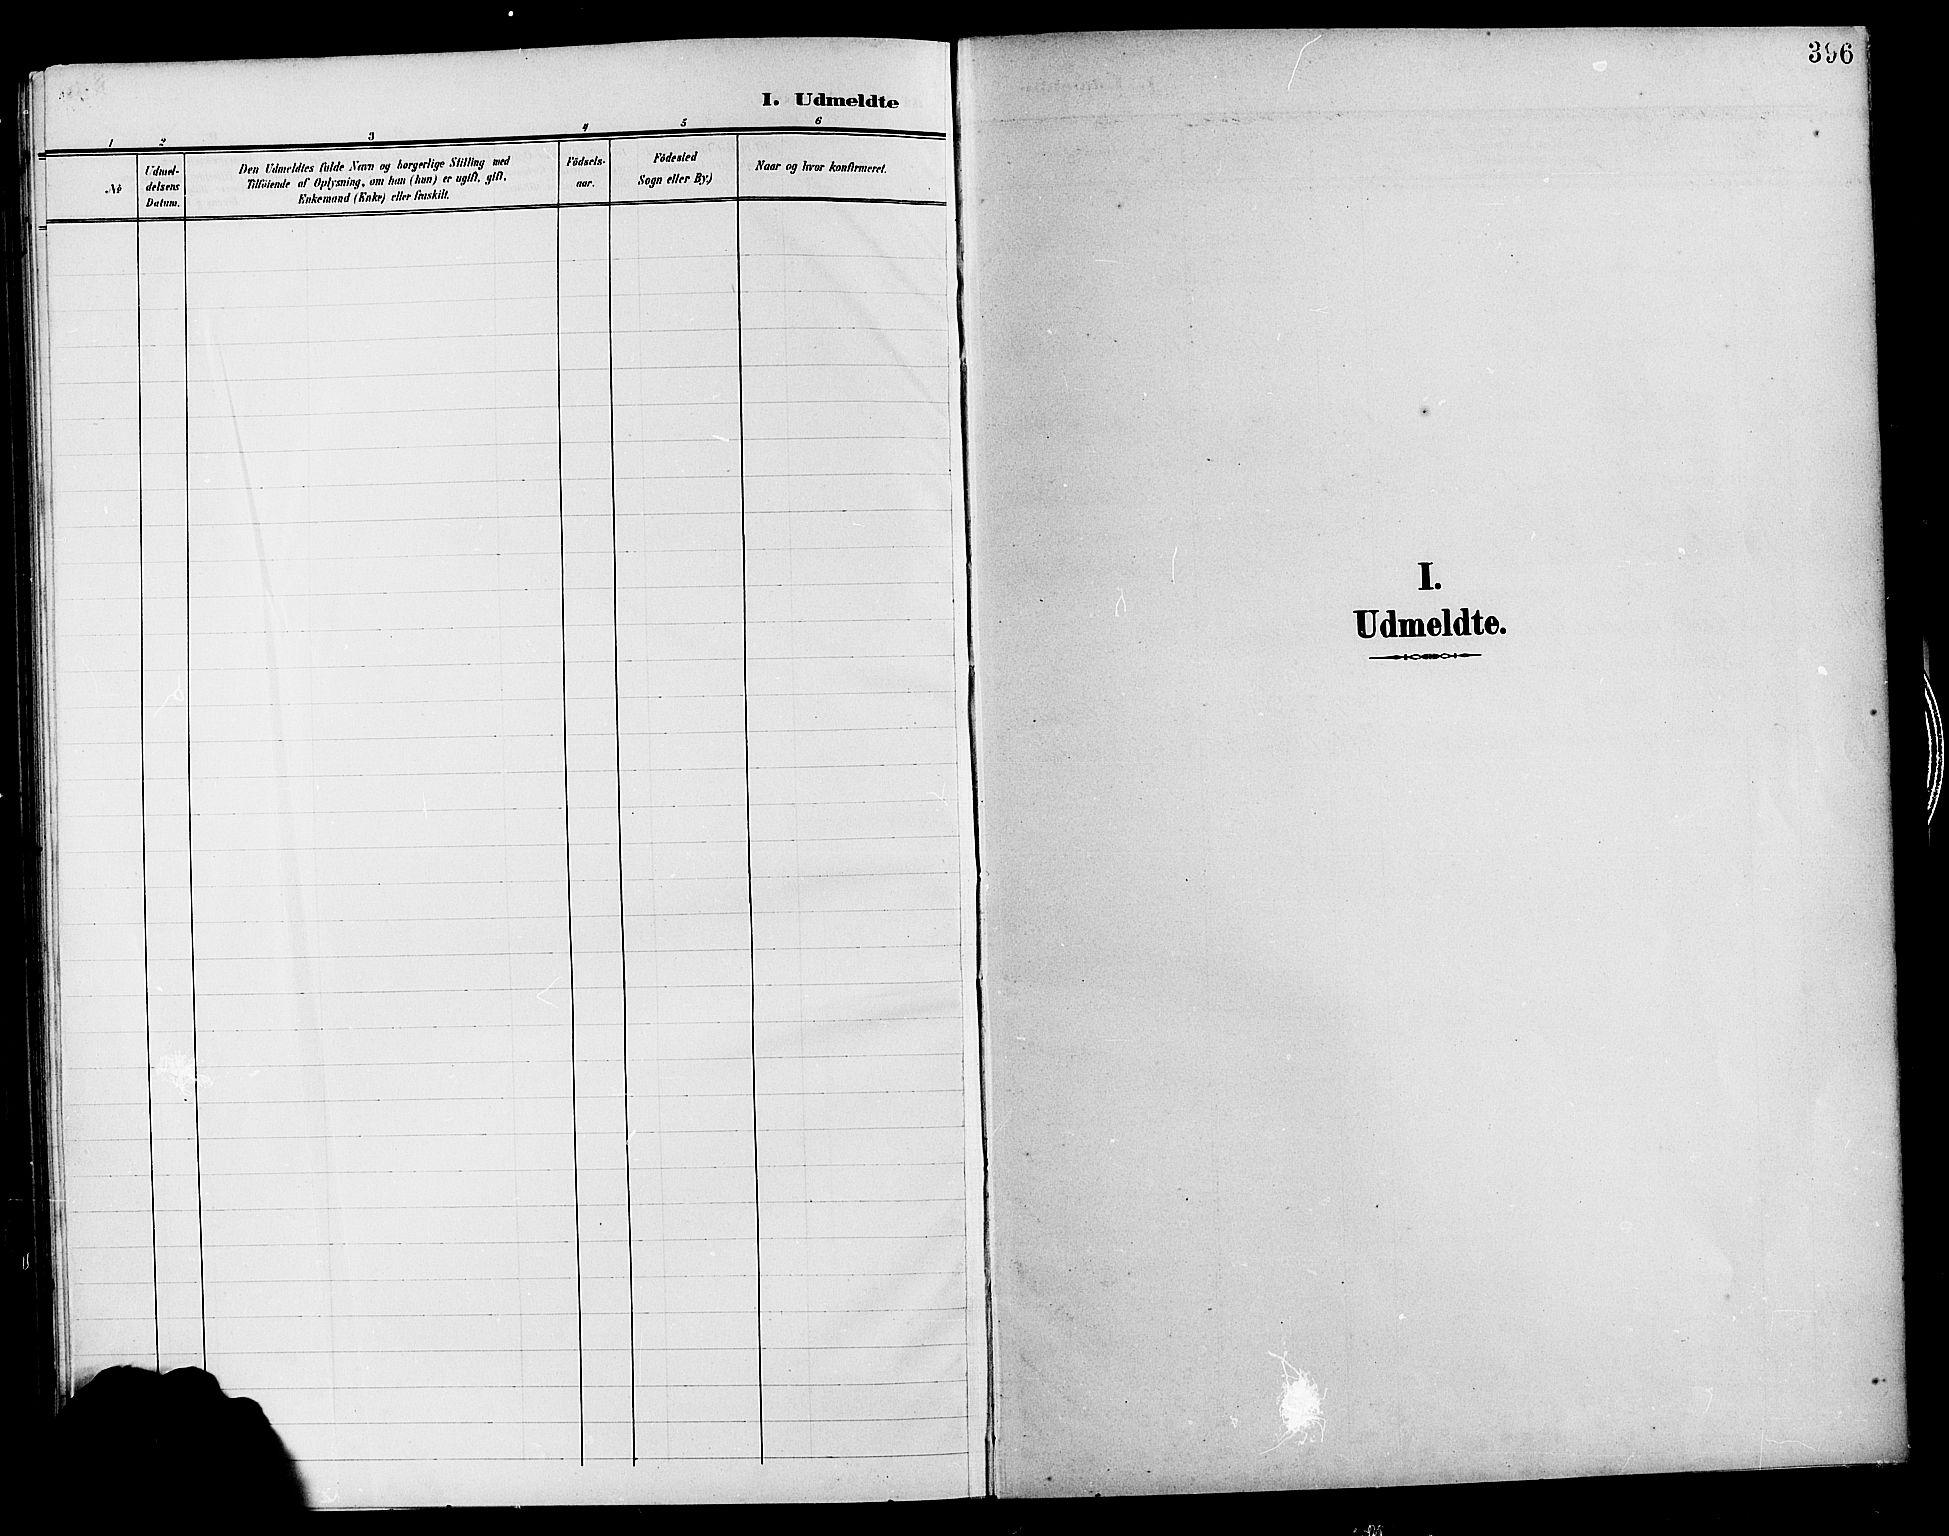 SAH, Lillehammer prestekontor, Klokkerbok nr. 1, 1901-1913, s. 396